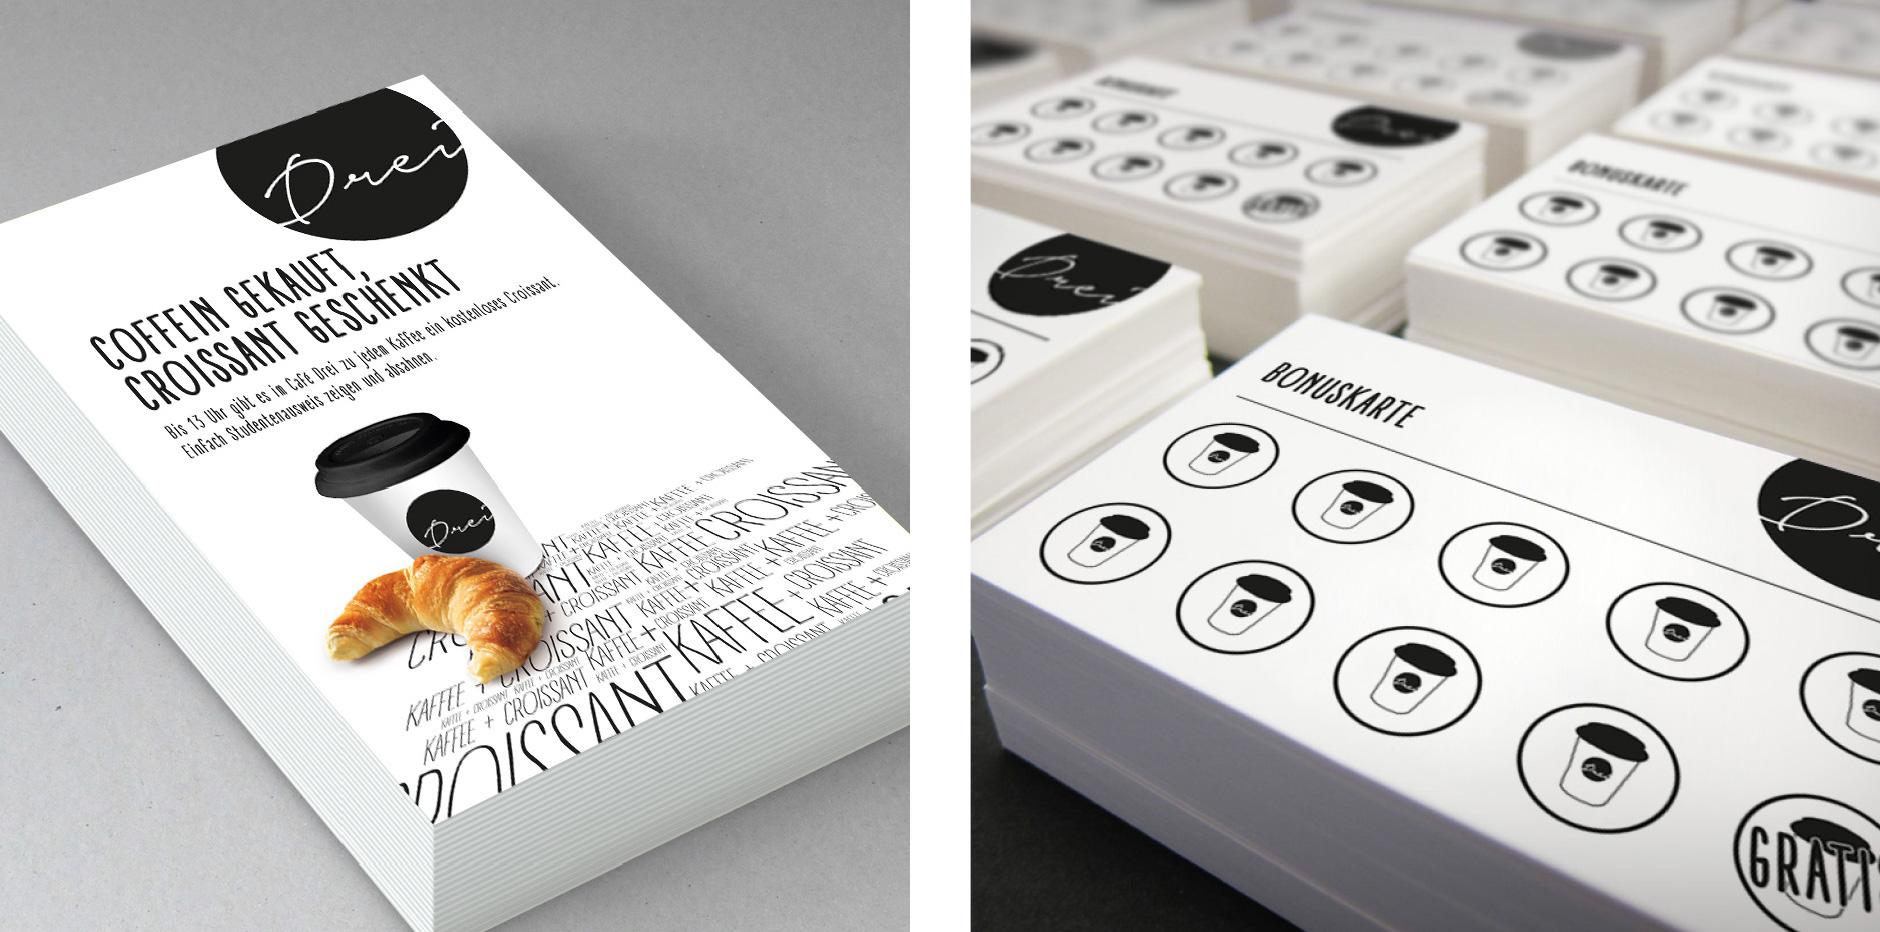 Cafe Drei - Corporate Design